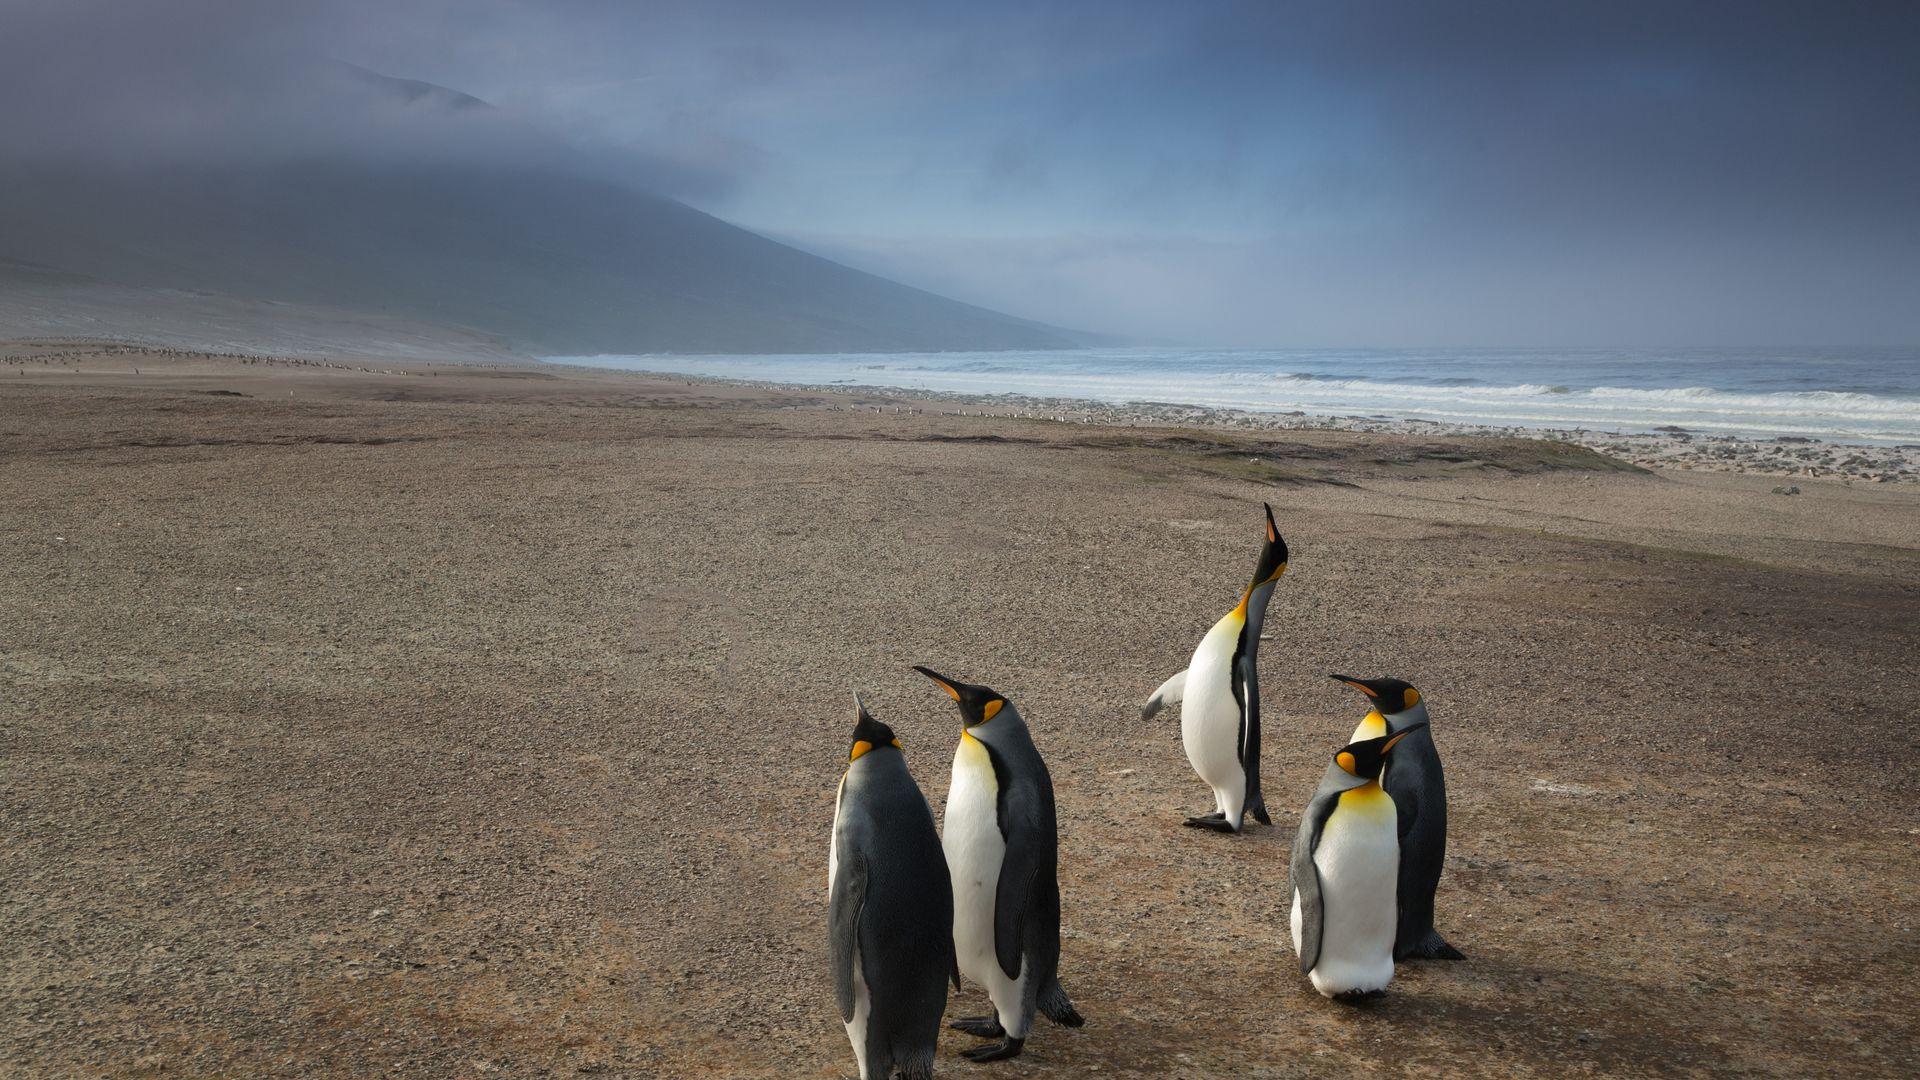 King Penguins Beach Evening View Wallpaper   Wallpaper Stream 1920x1080